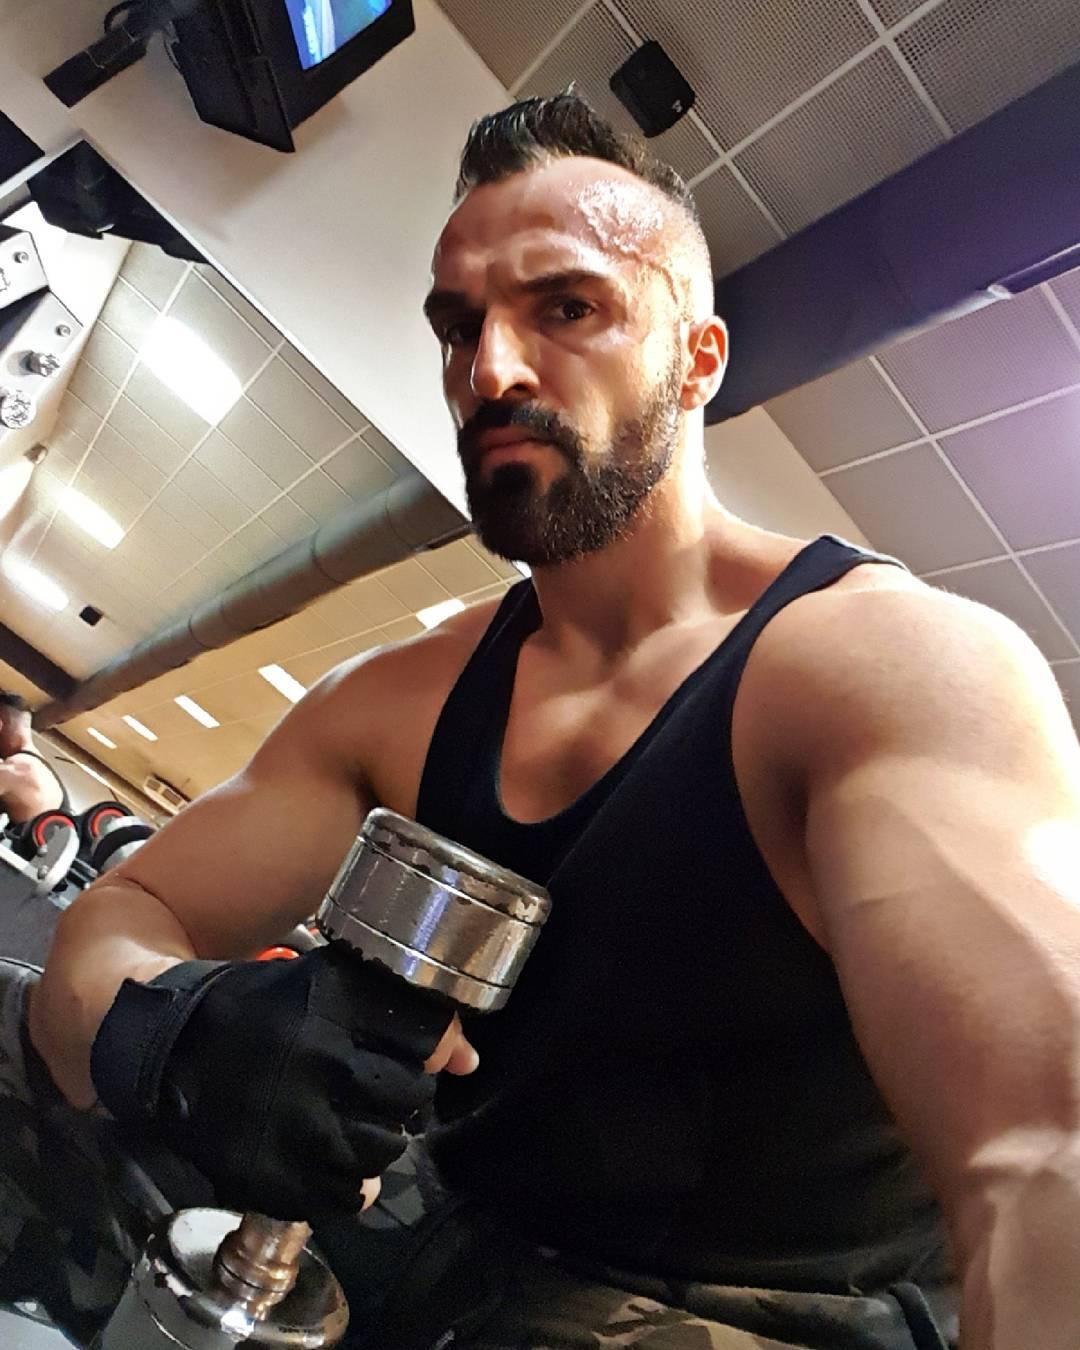 Trainiere so hart, dass deine Jacke nach dem Training zur Zwangsjacke wird und reißt… dann machst du alles richtig 💪🏻✌🏻😠 . #xl #mcfit #spandau #mcfitberlin #kettensprengmodus #pump #pumped #muskeln #muscles #bizeps #biceps #shoulders #chest #gym #motivation #pusher #german #berliner #berlin #nopainnogain #beastmode #arms #gymmotivation #training #hardcore #bossmodus #instalike #instafit #fitfam